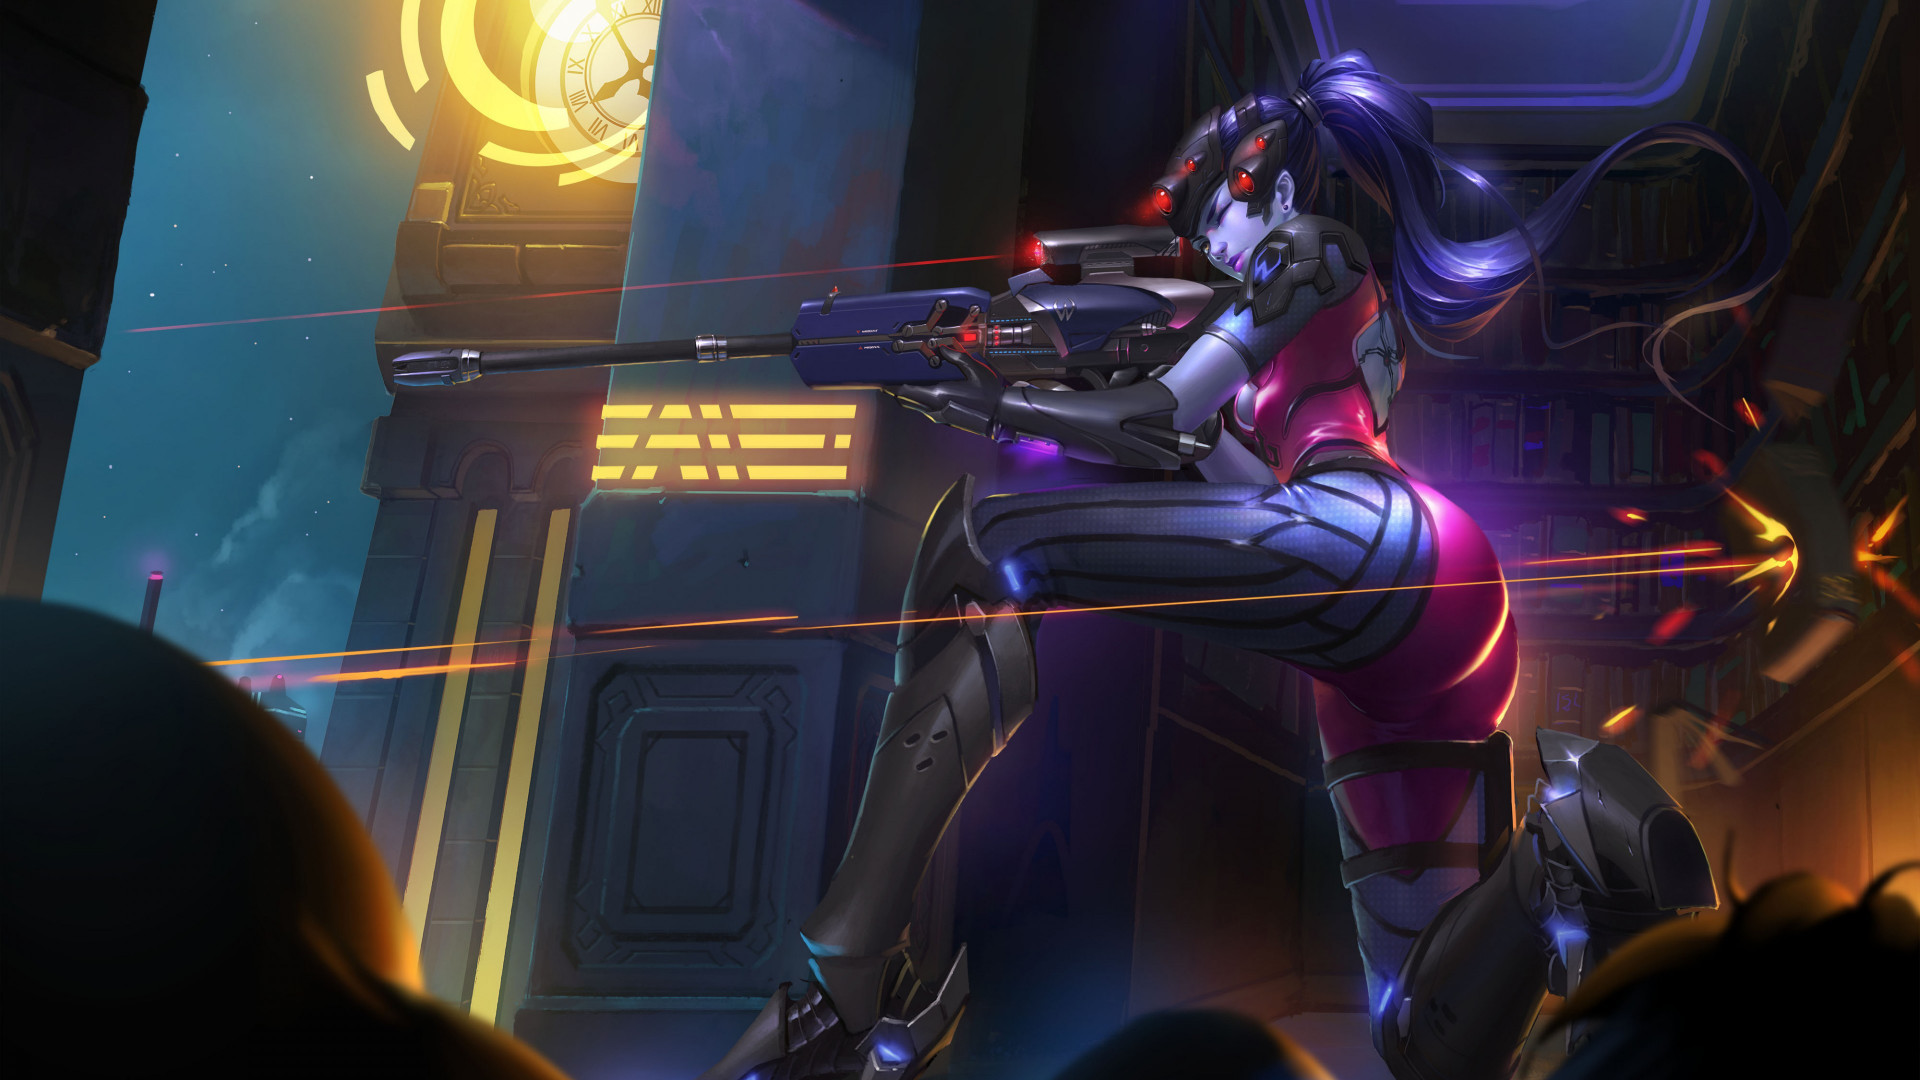 Download wallpaper: Widowmaker from Overwatch 1920x1080